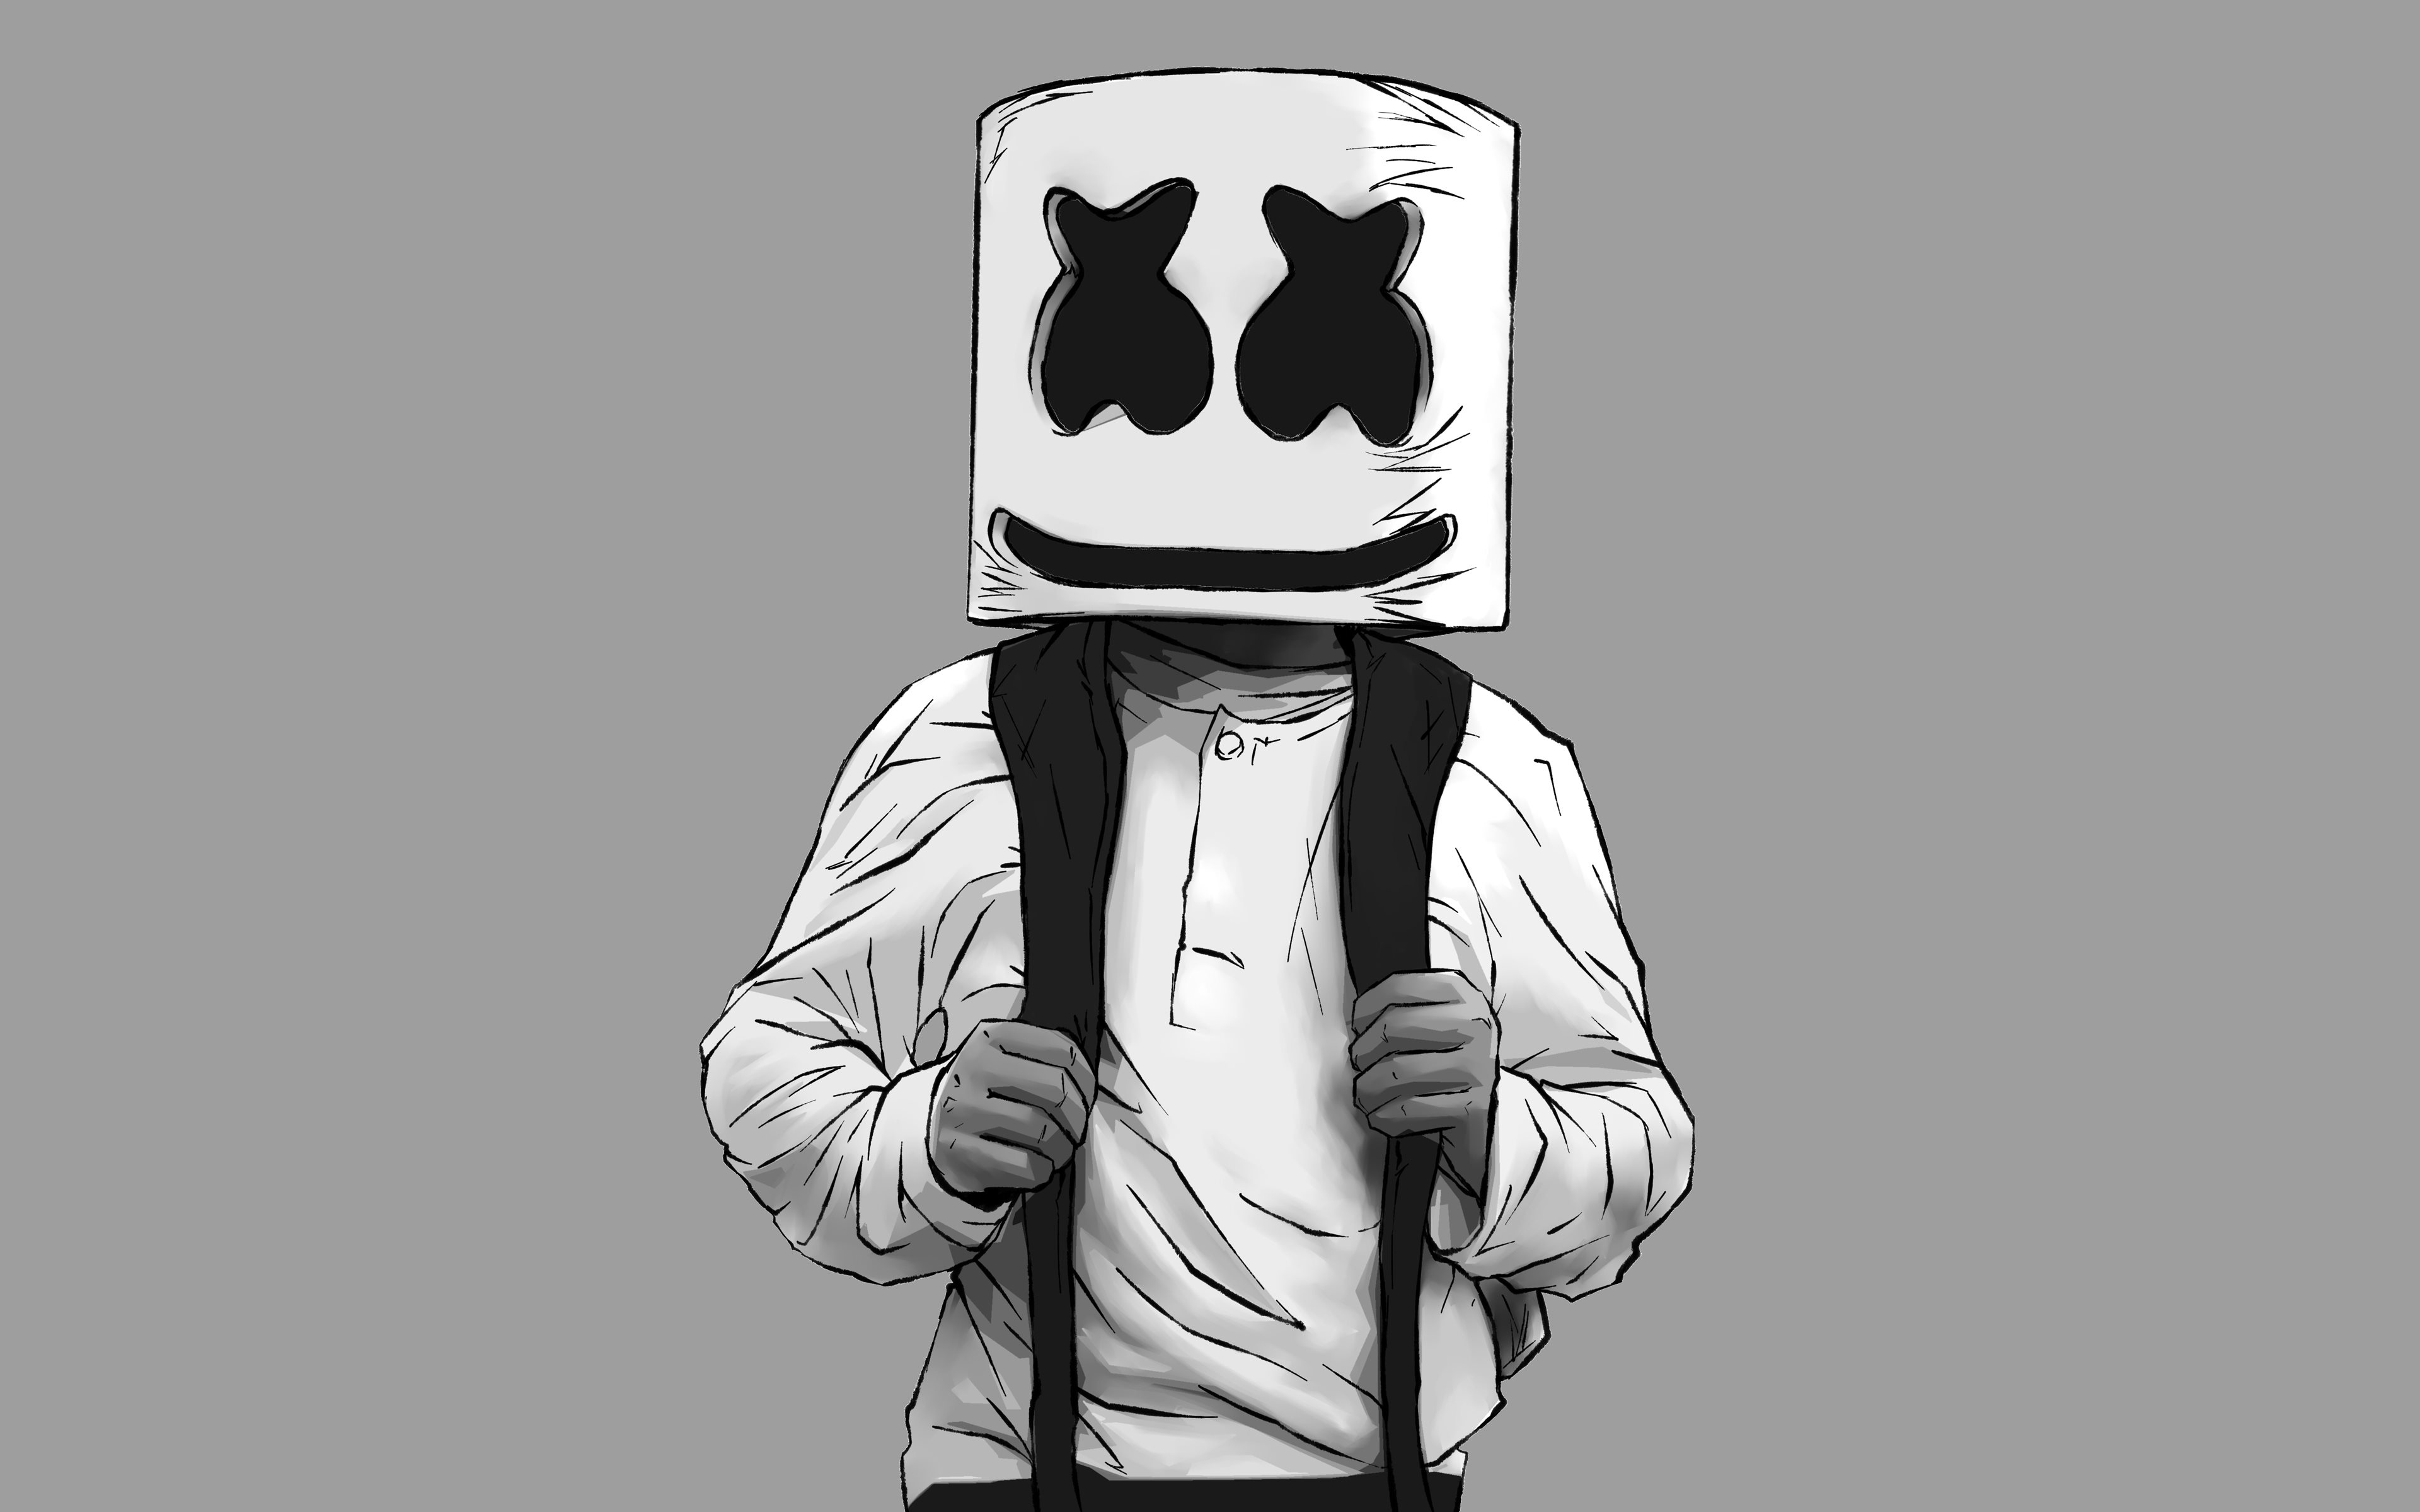 Fondos de pantalla DJ Marshmello Ilustración 2d